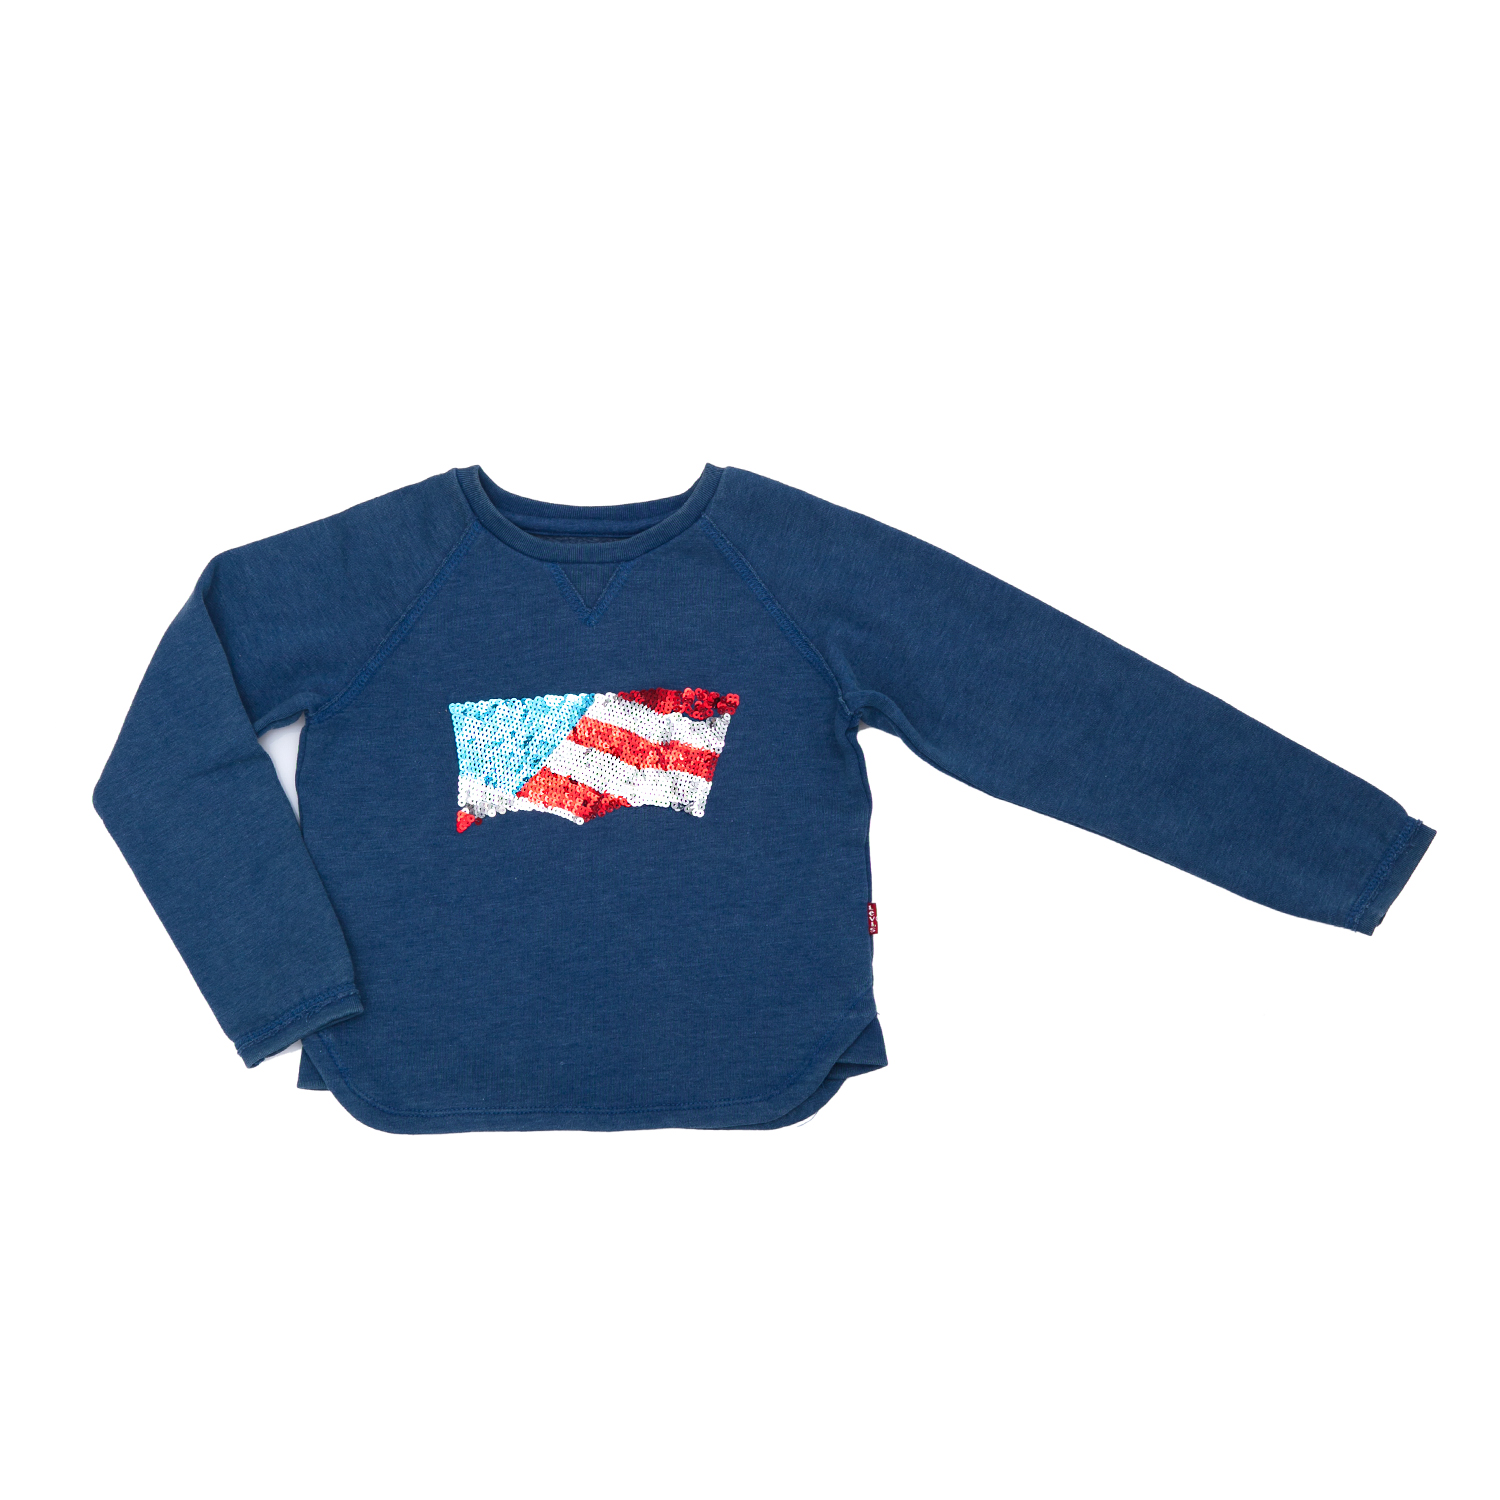 da95cbf2cb LEVI S KIDS - Παιδική μπλούζα Levi s Kids μπλε